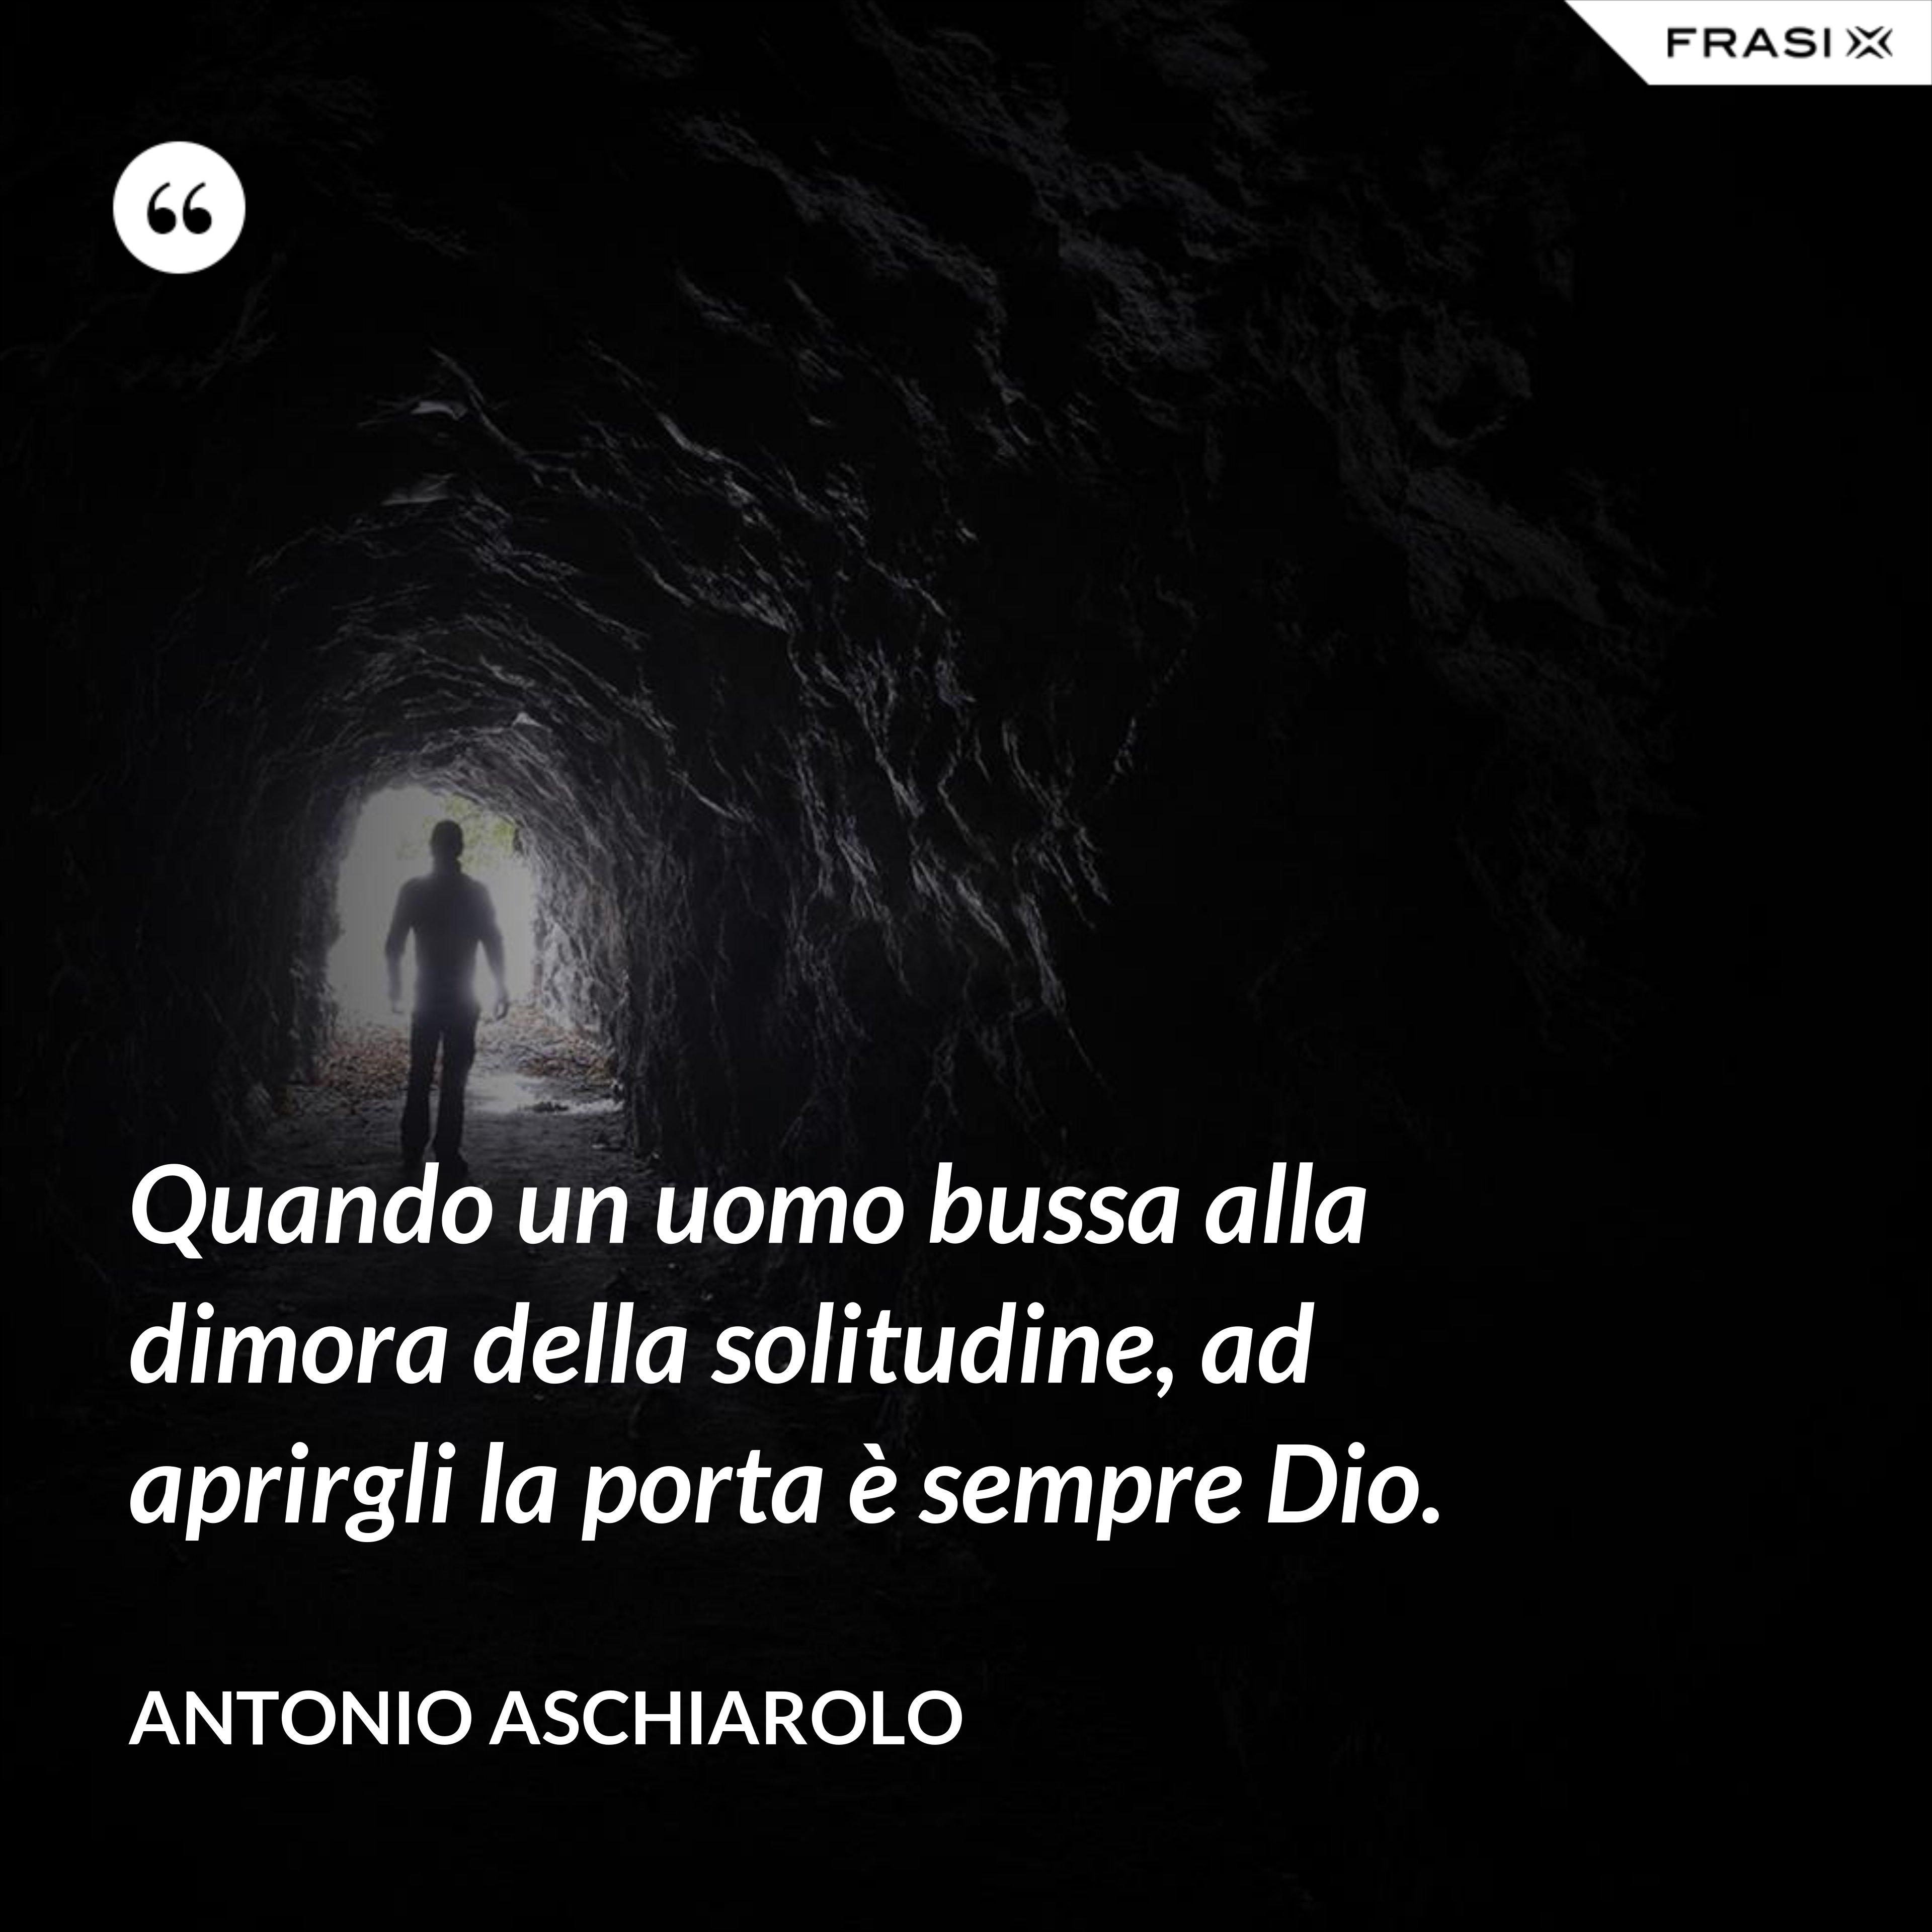 Quando un uomo bussa alla dimora della solitudine, ad aprirgli la porta è sempre Dio. - Antonio Aschiarolo